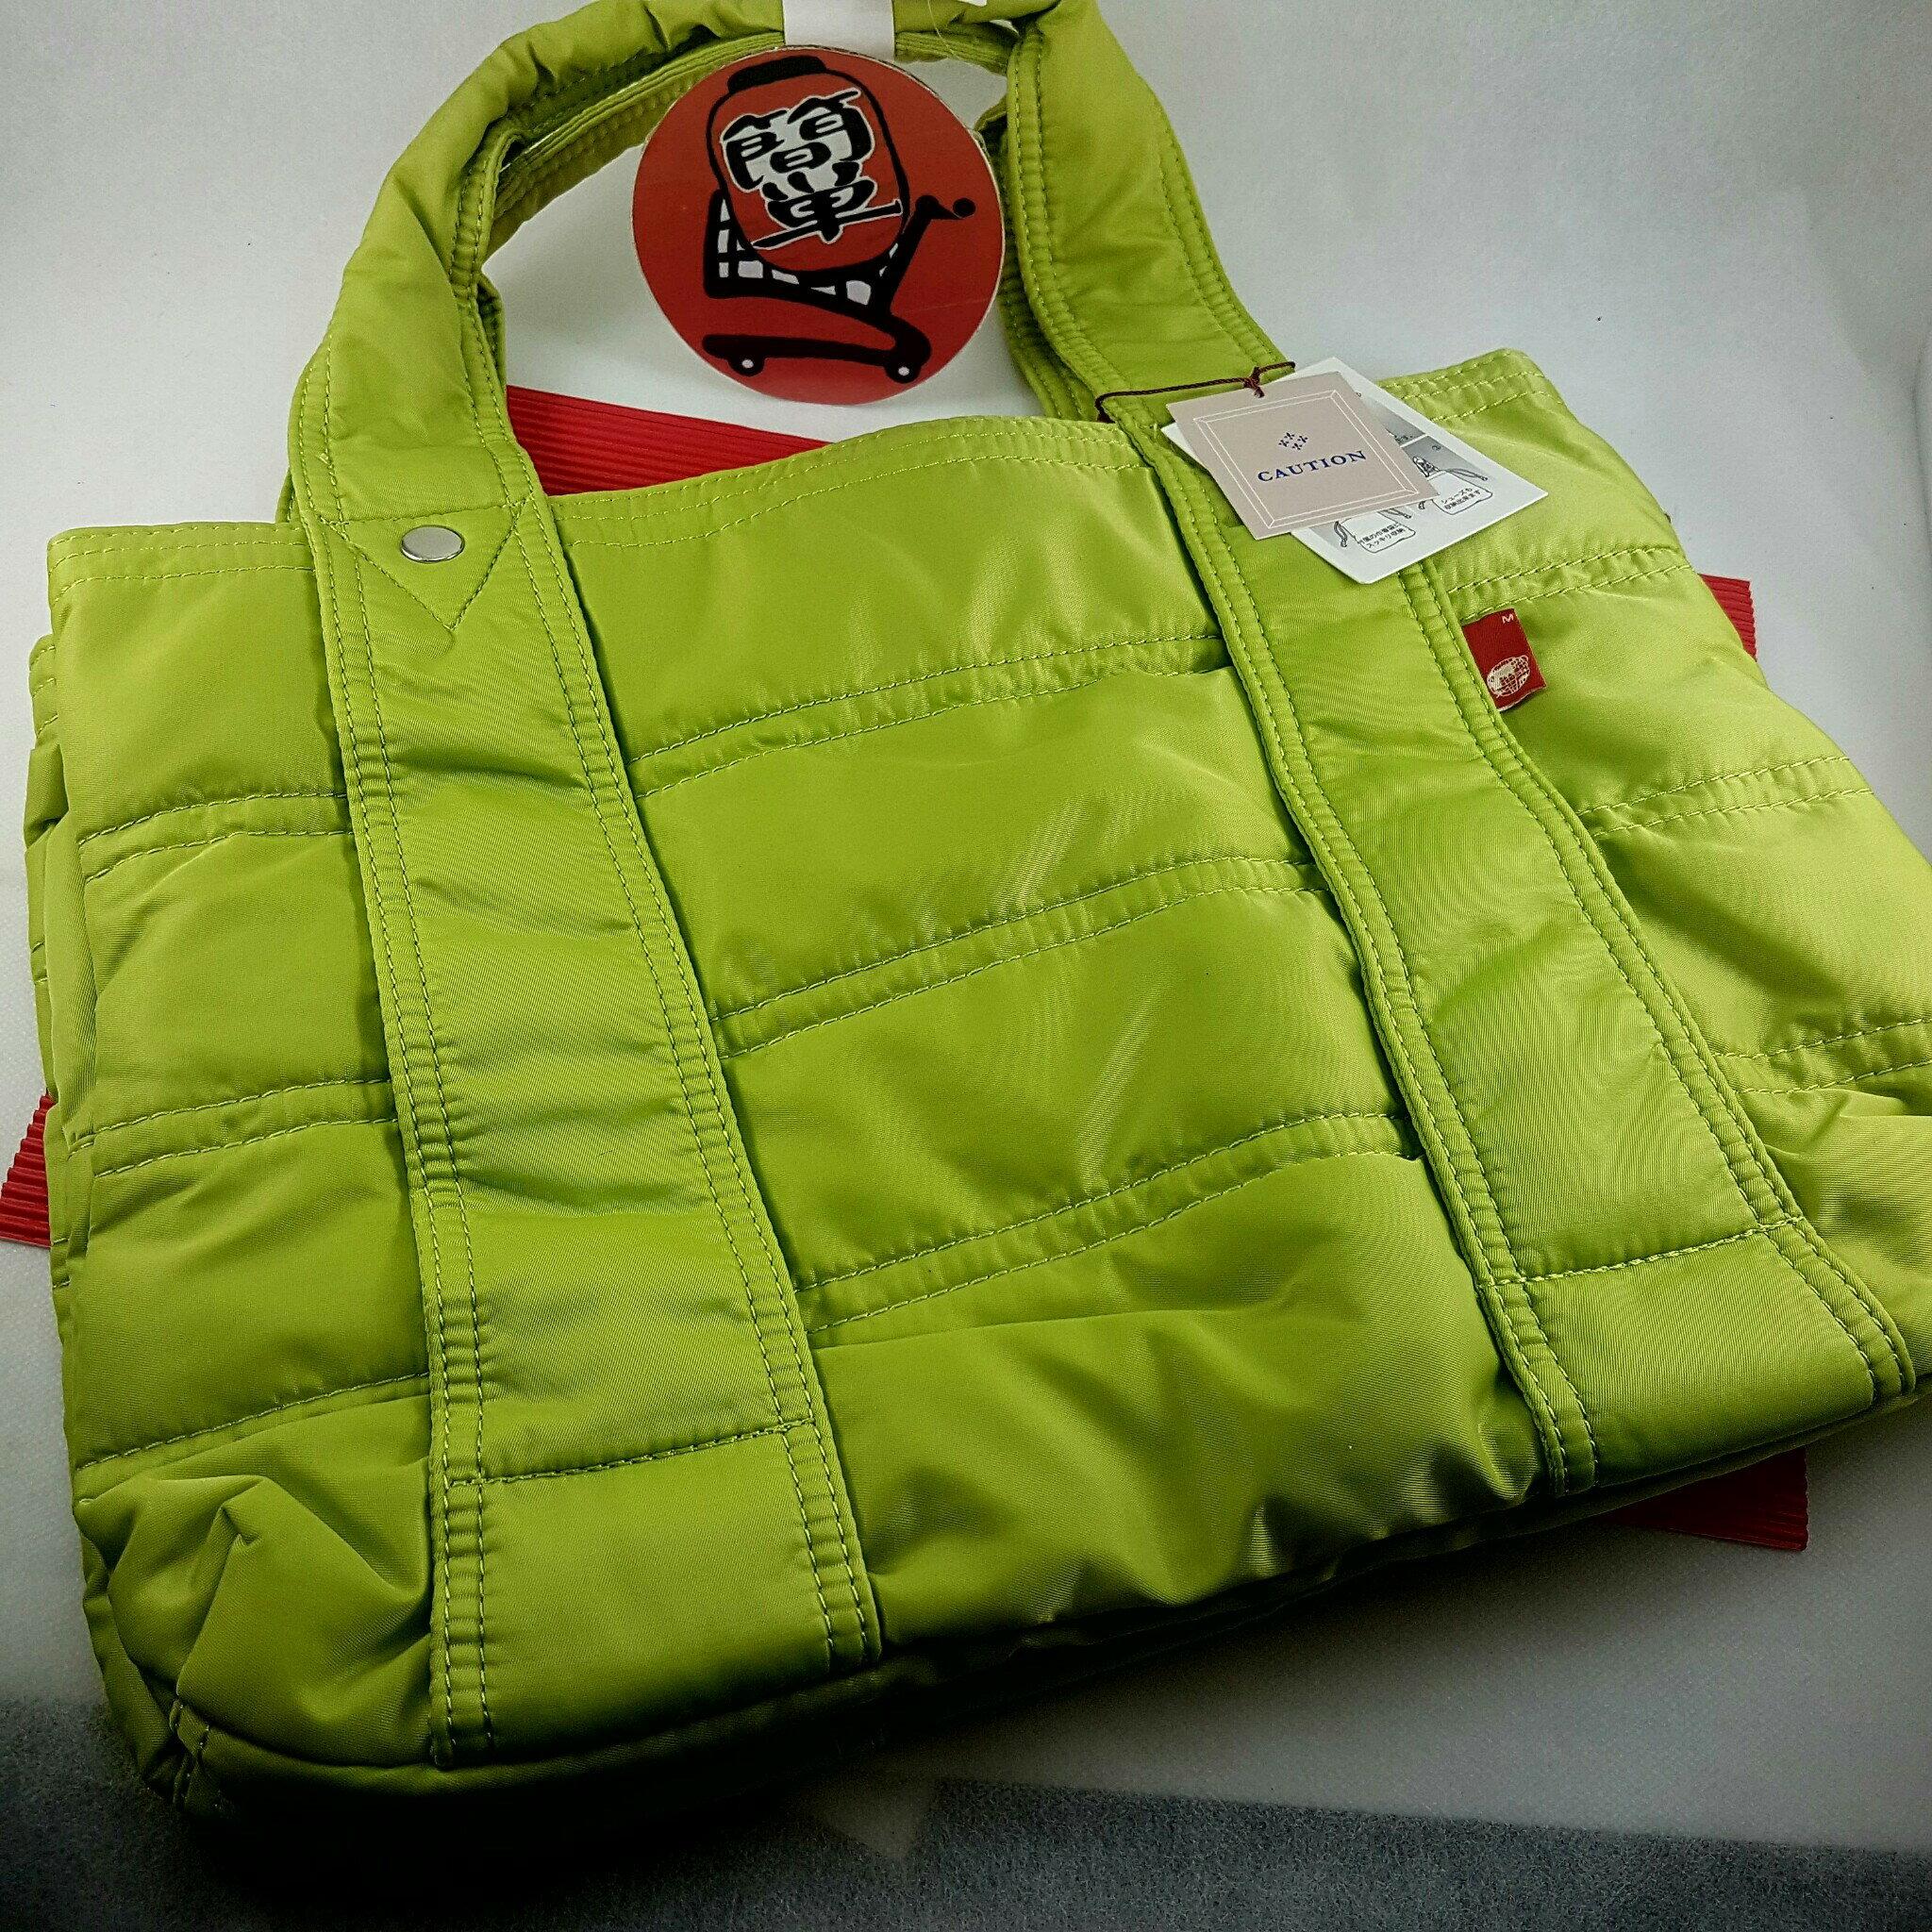 『簡?全球購』淺綠色款 macaronic style 馬卡龍 防水尼龍摺疊包 大包